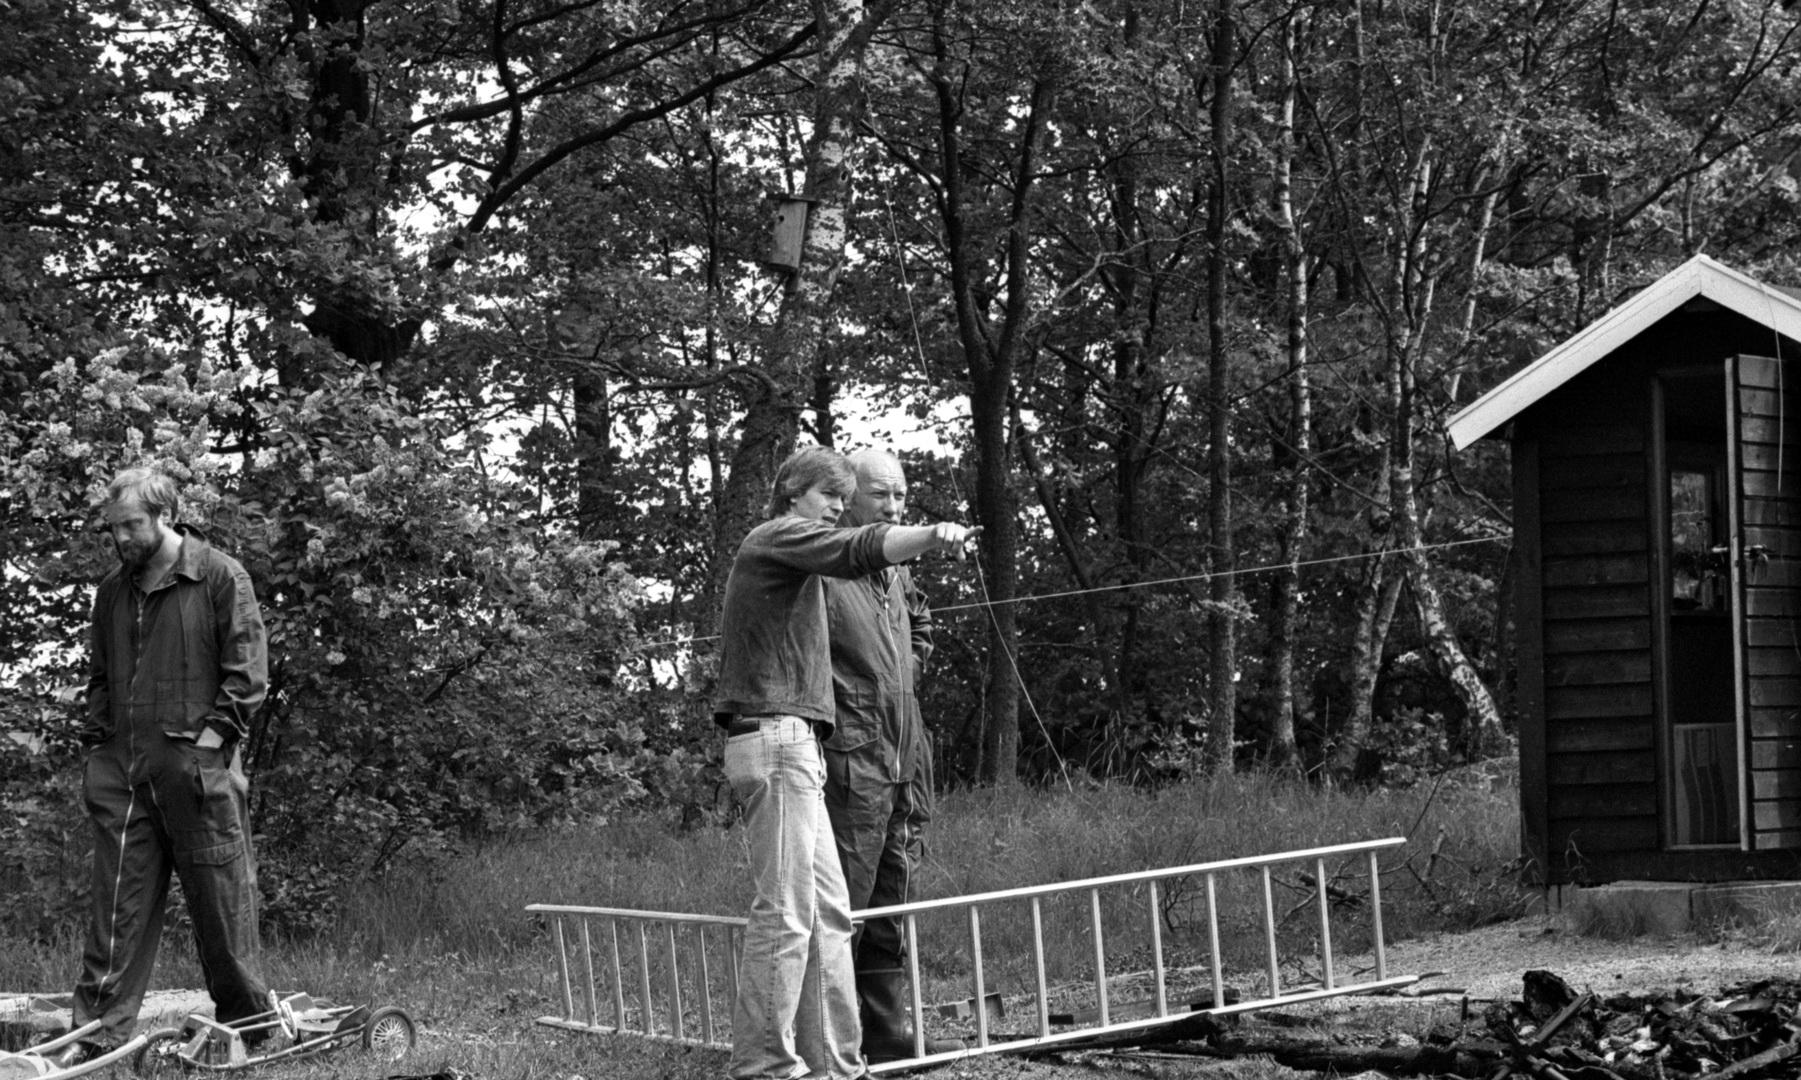 a3a5bdb8d1ea Ägaren(troligtvis) pekar på något efter brand i hans hus Brömsebro. Foto  till ett reportage i Blekinge Läns Tidning.